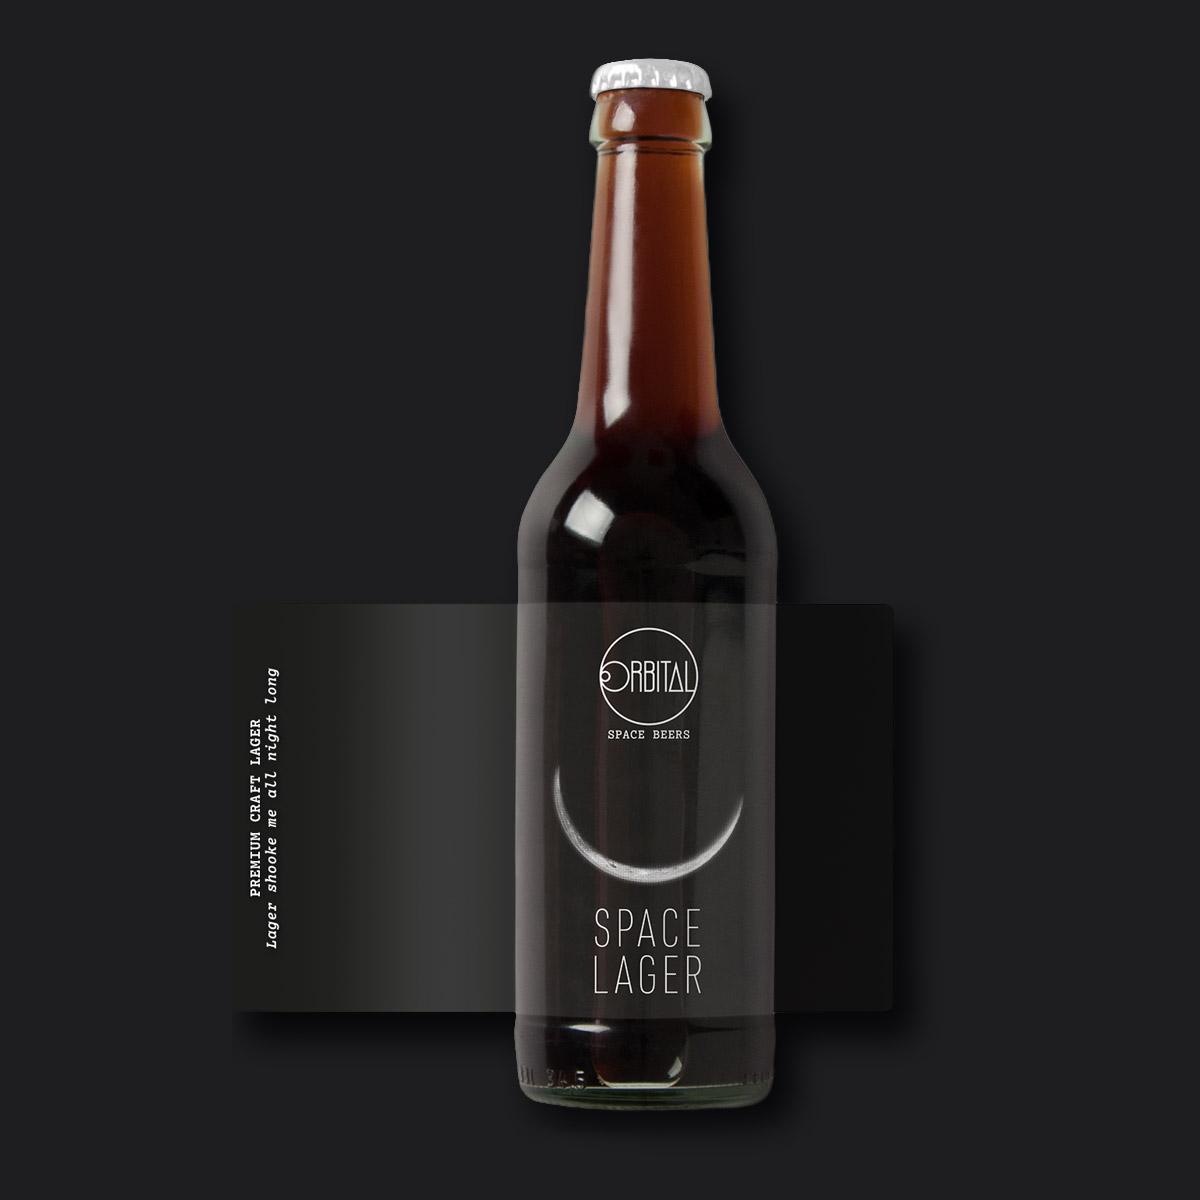 Orbital Space Beers - Space lager